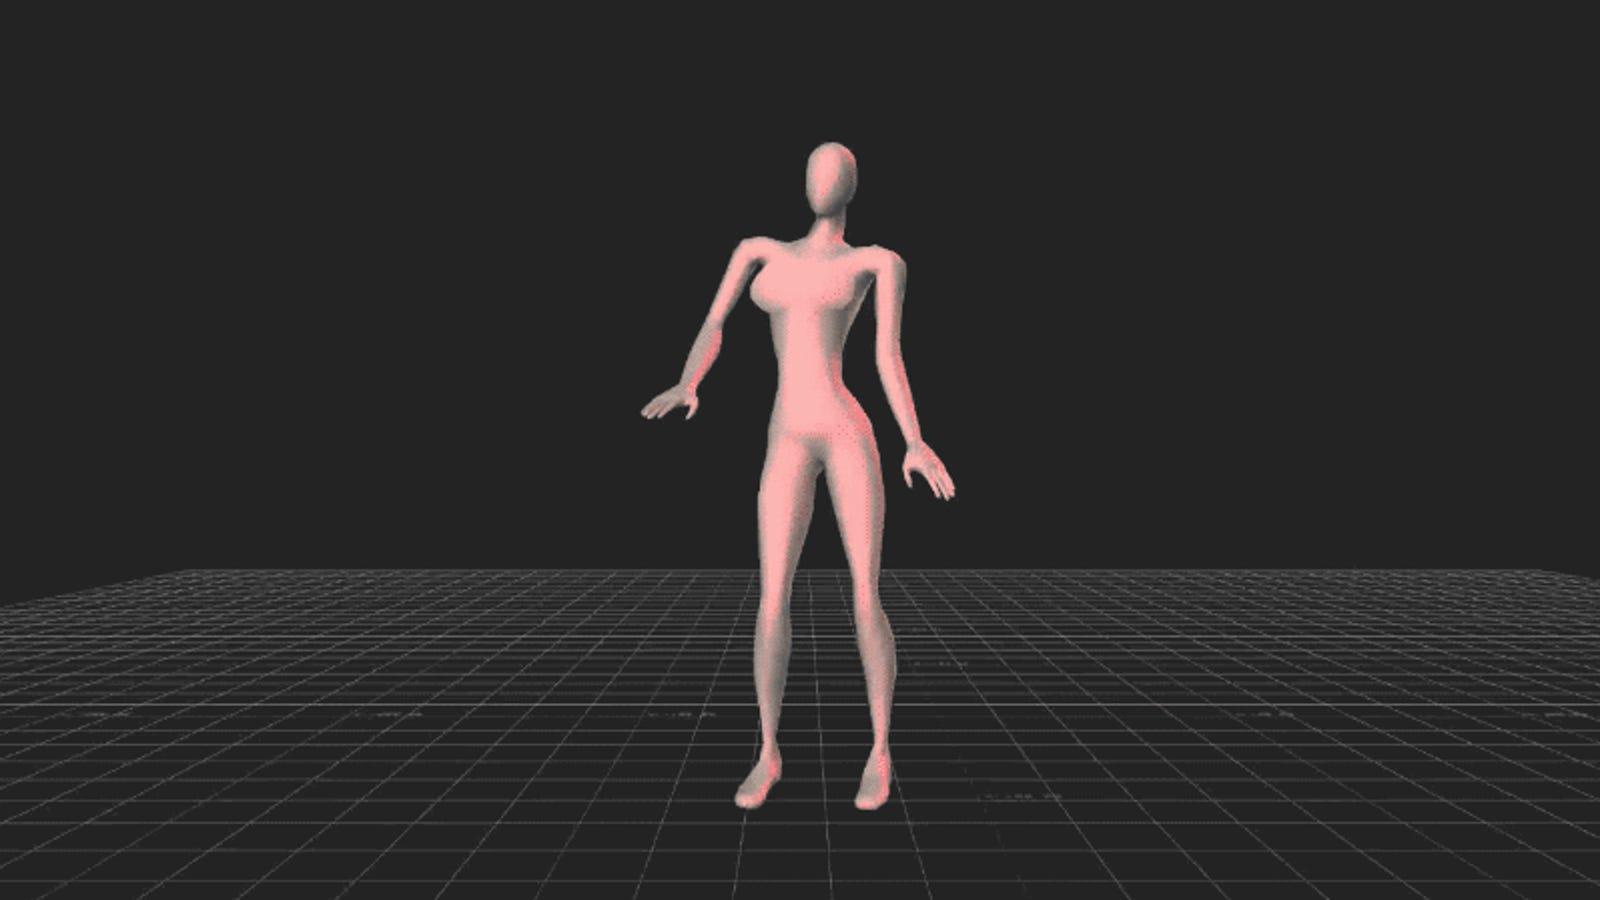 Estos son los movimientos que te harán arrasar en la pista de baile, según la ciencia